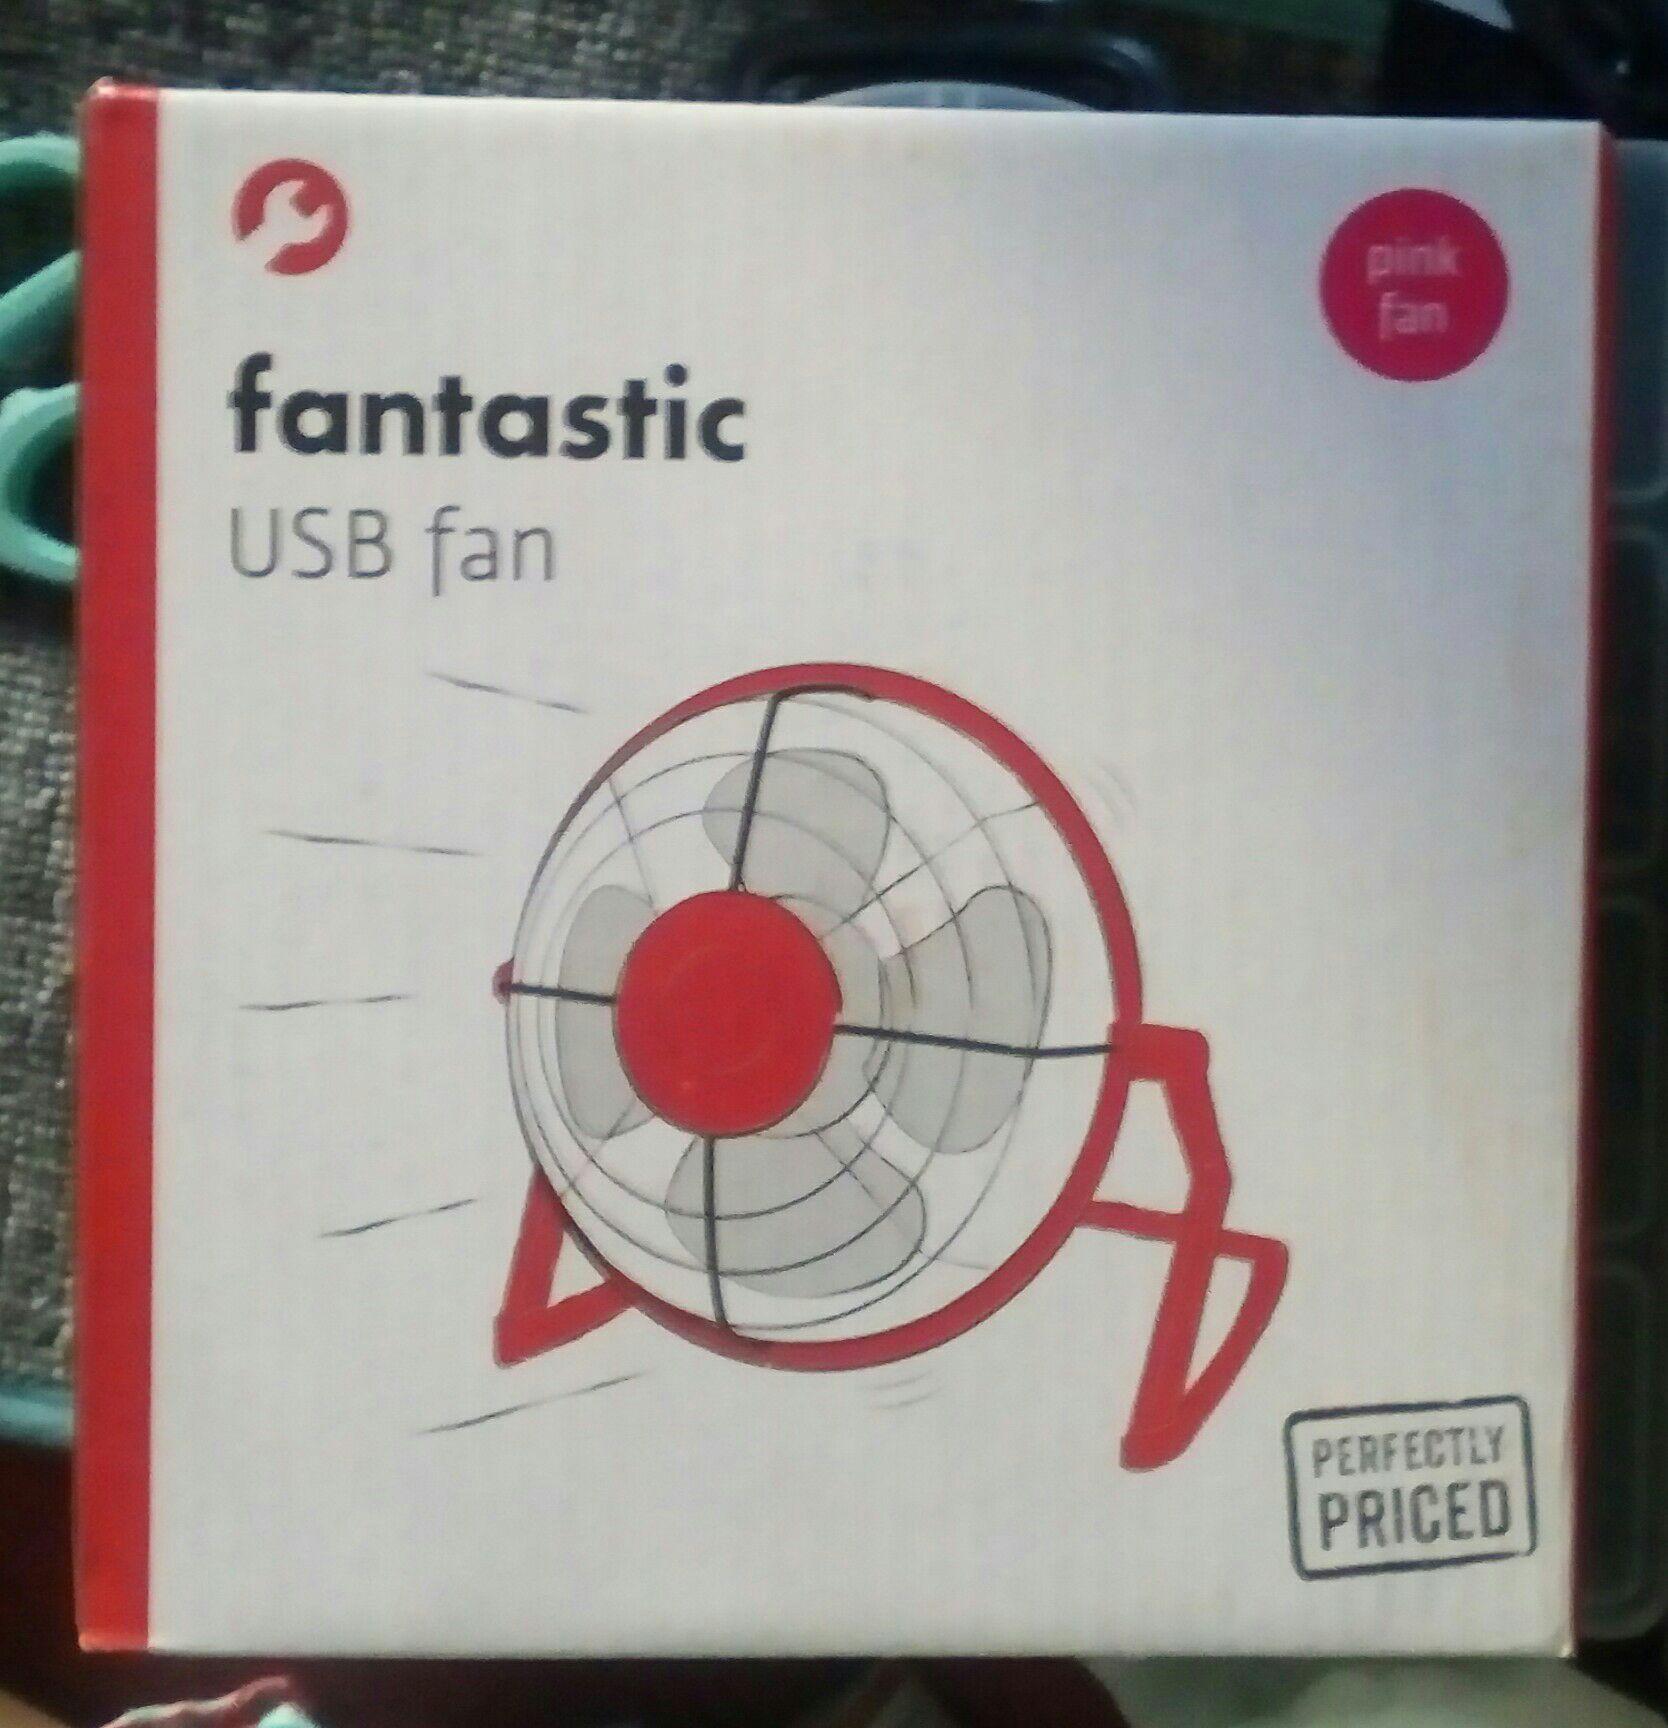 Mini Desk USB Fan £2 PoundLand